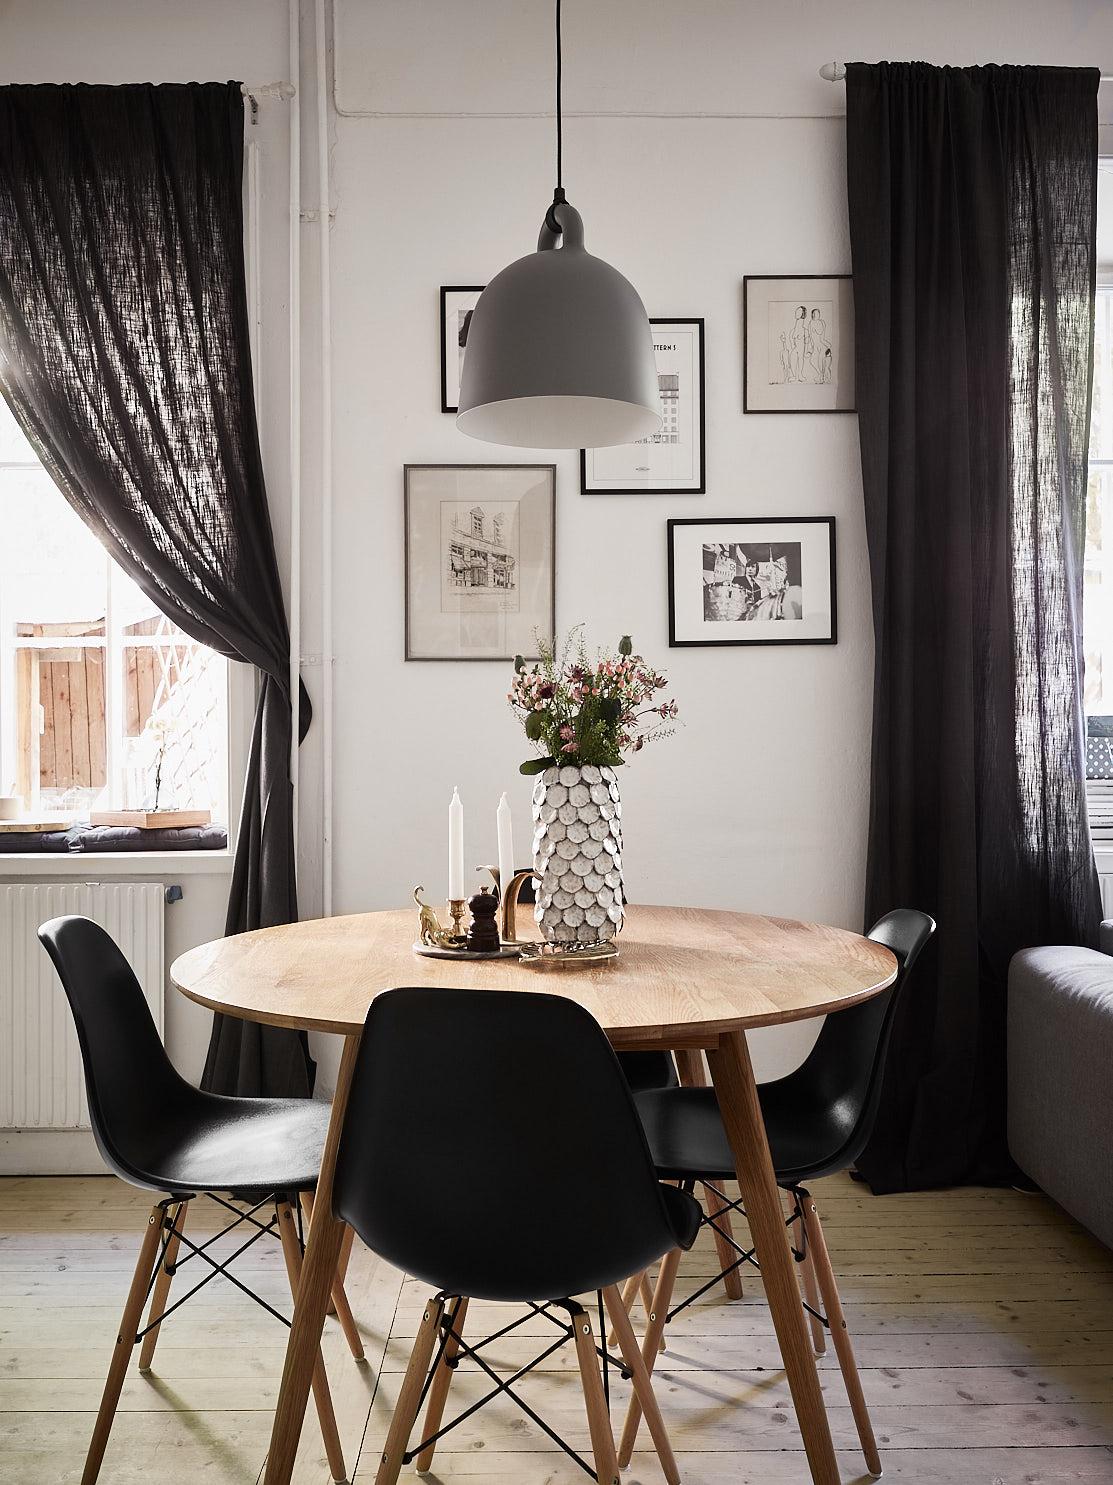 кухонный стол стулья лампа окно